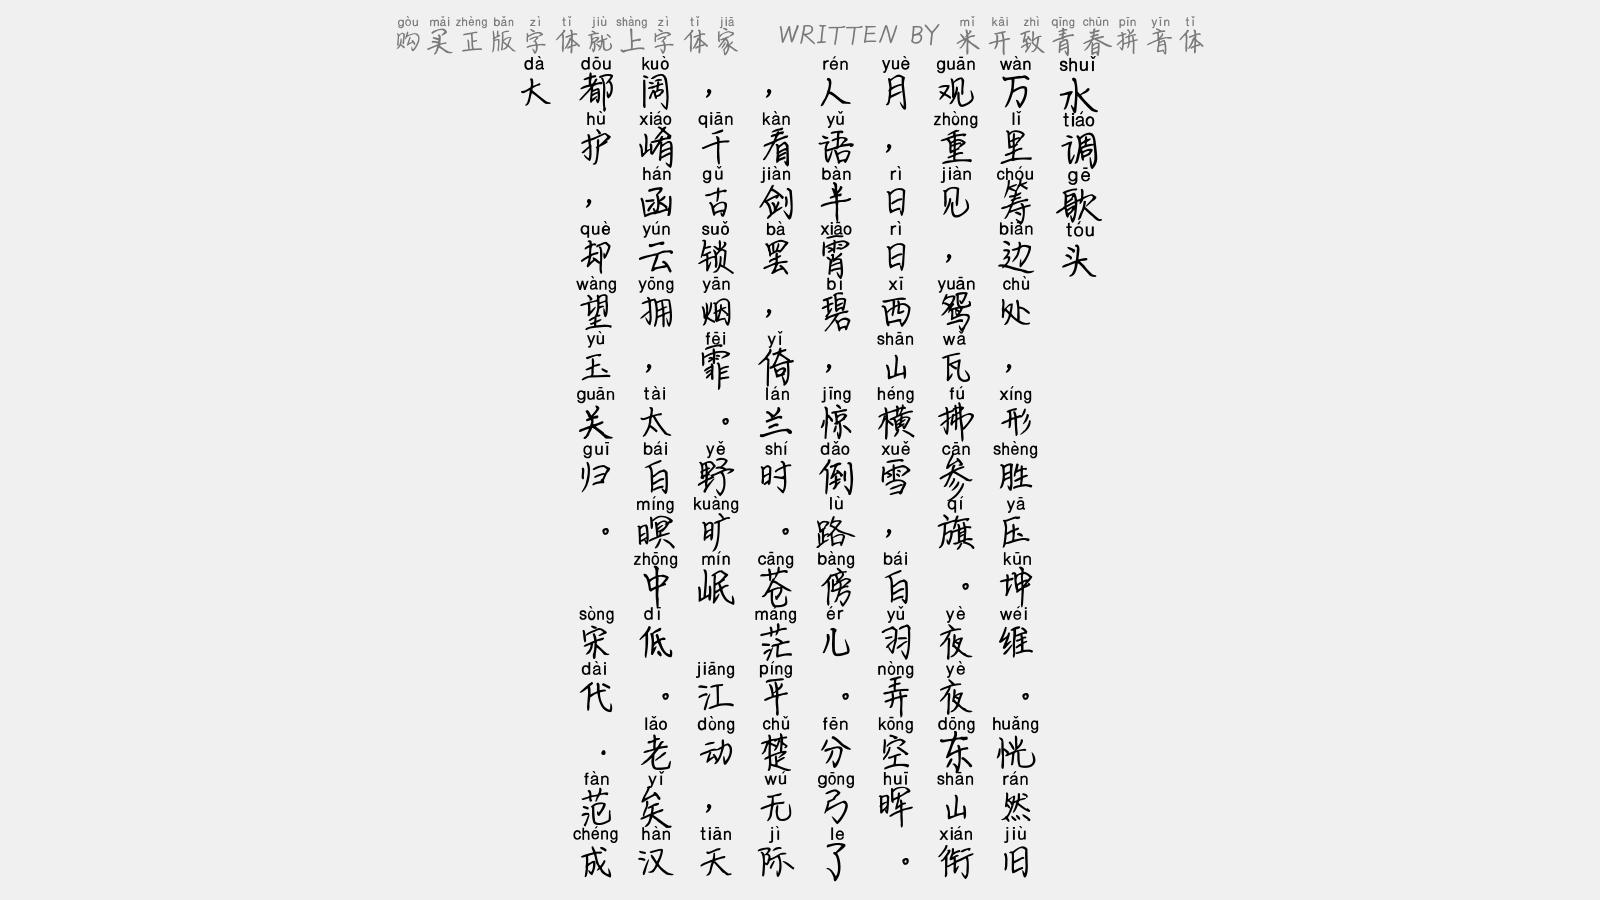 米開致青春拼音體 - 水調歌頭